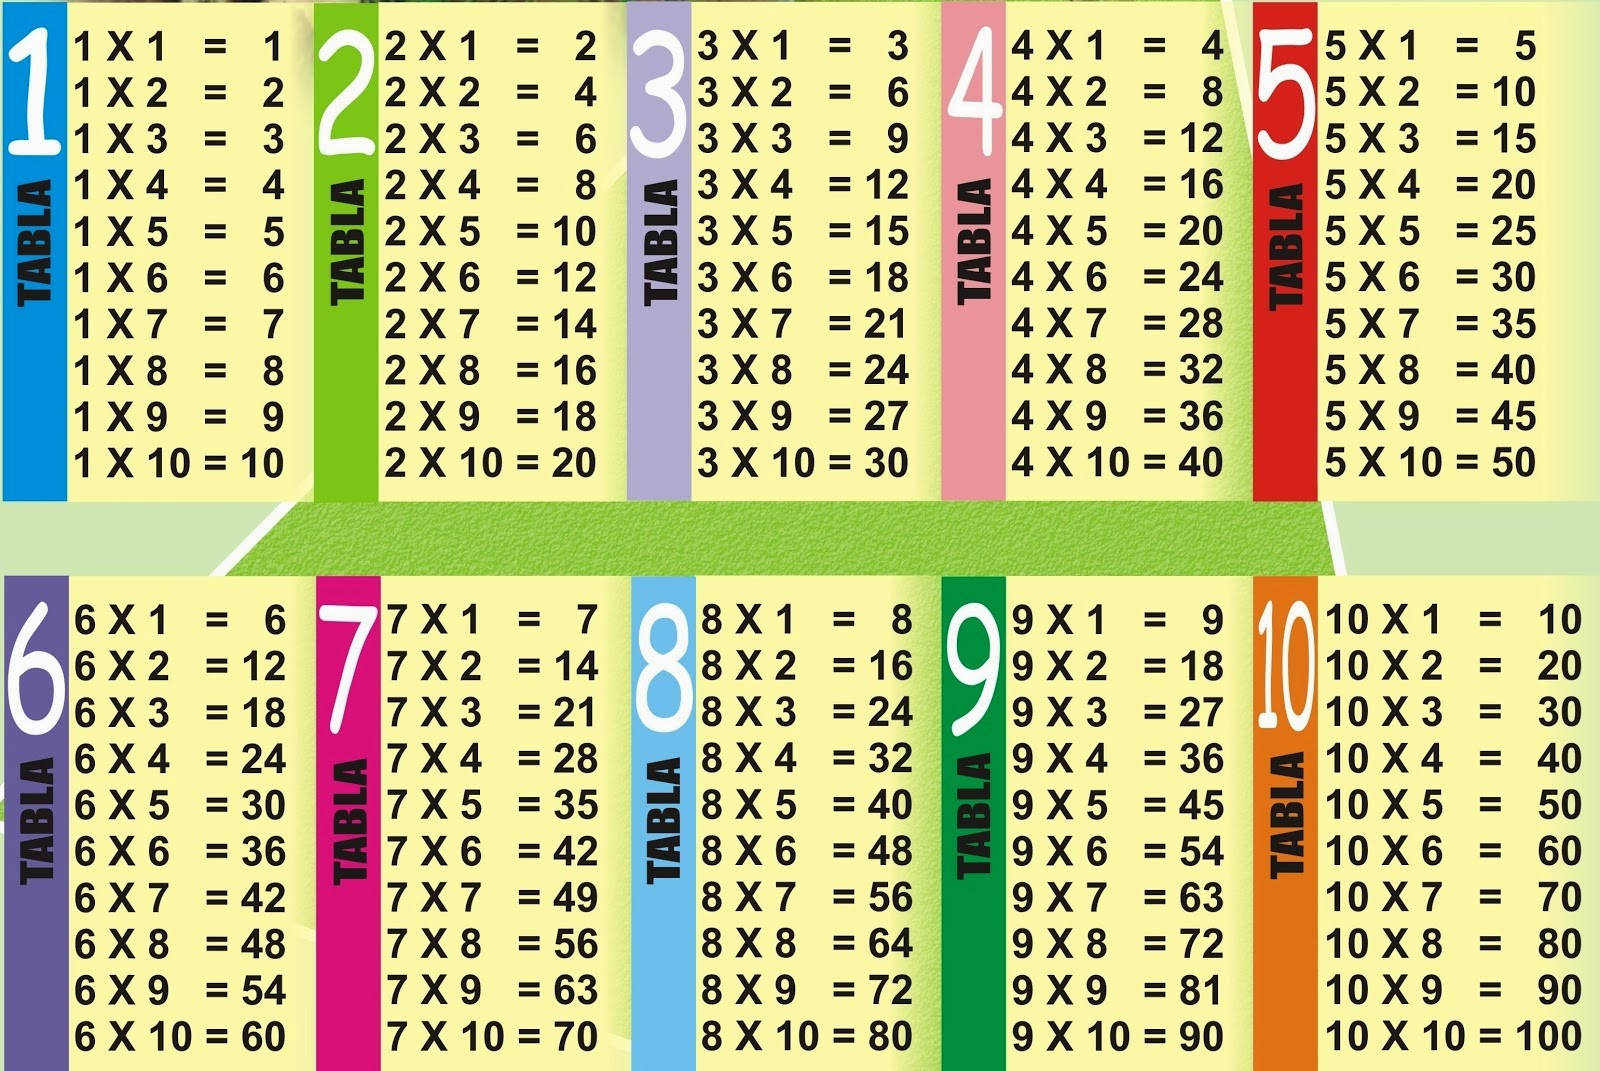 Tabla De Multiplicar Del 1 Al 10 Search Results